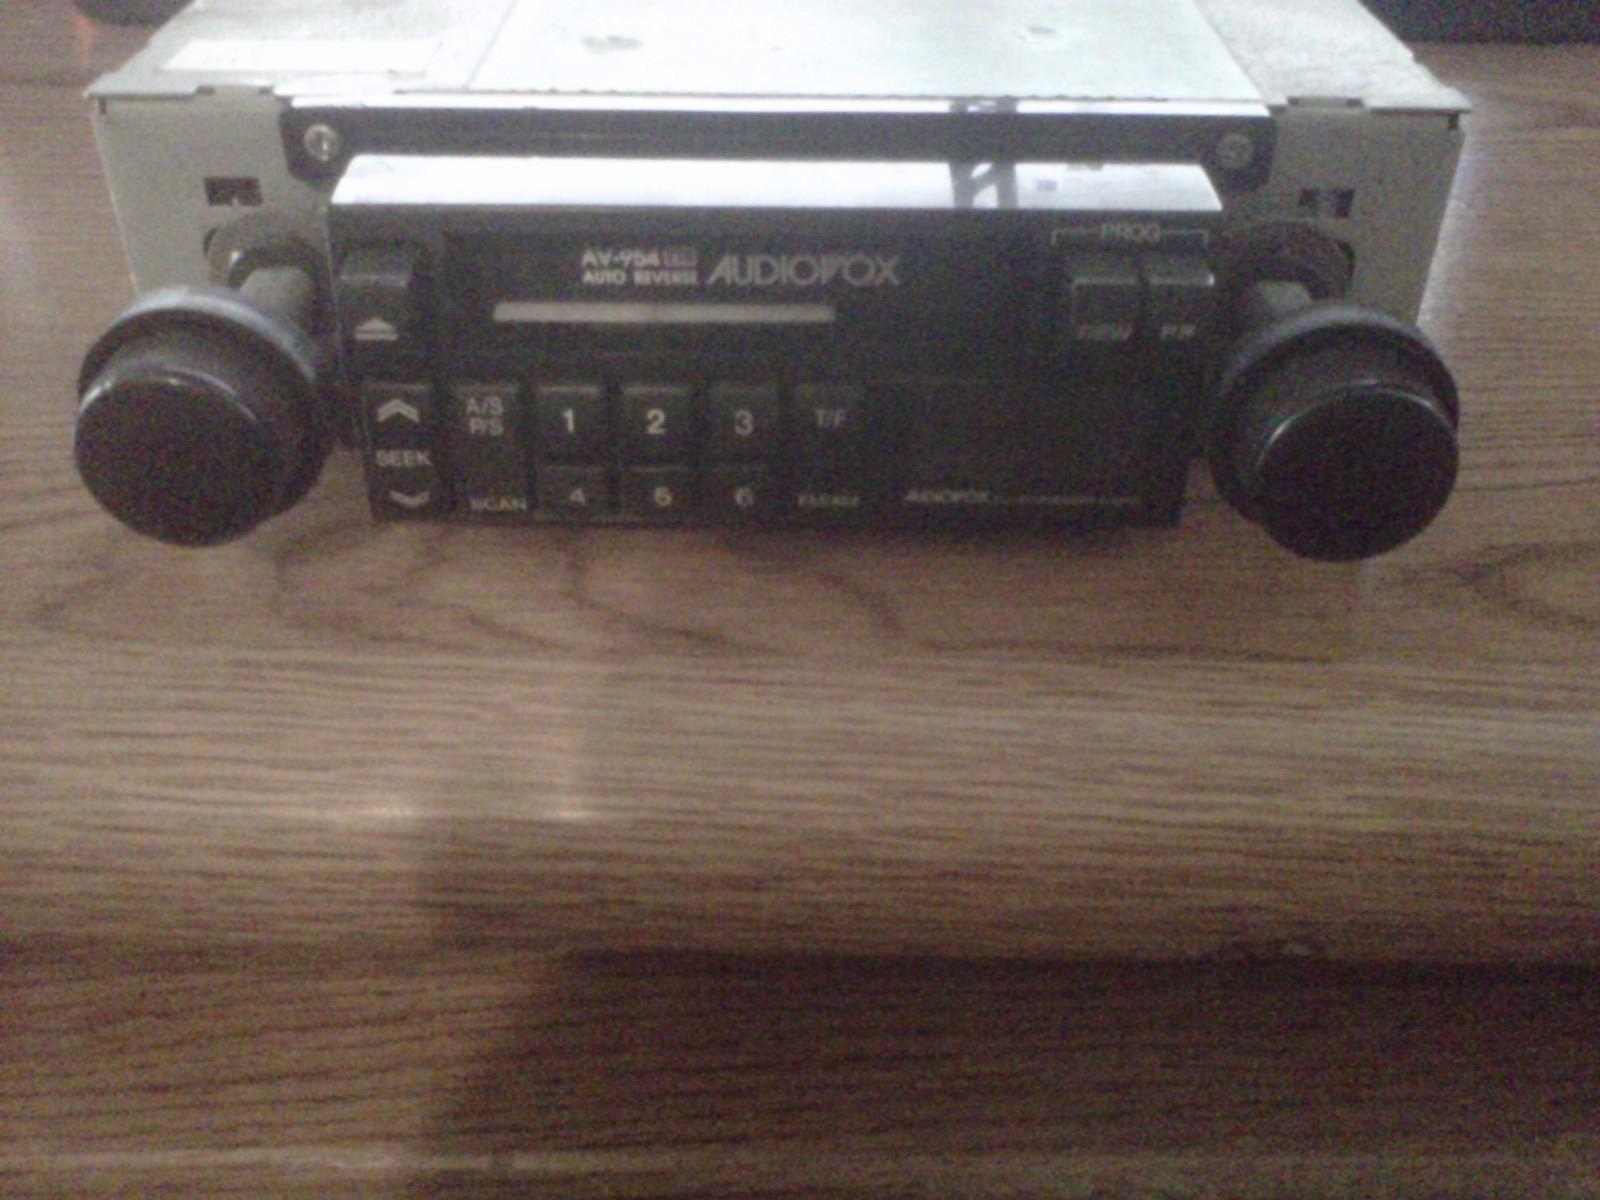 Who Has Audiovox Xt Fm Cassette Car Stereo Color